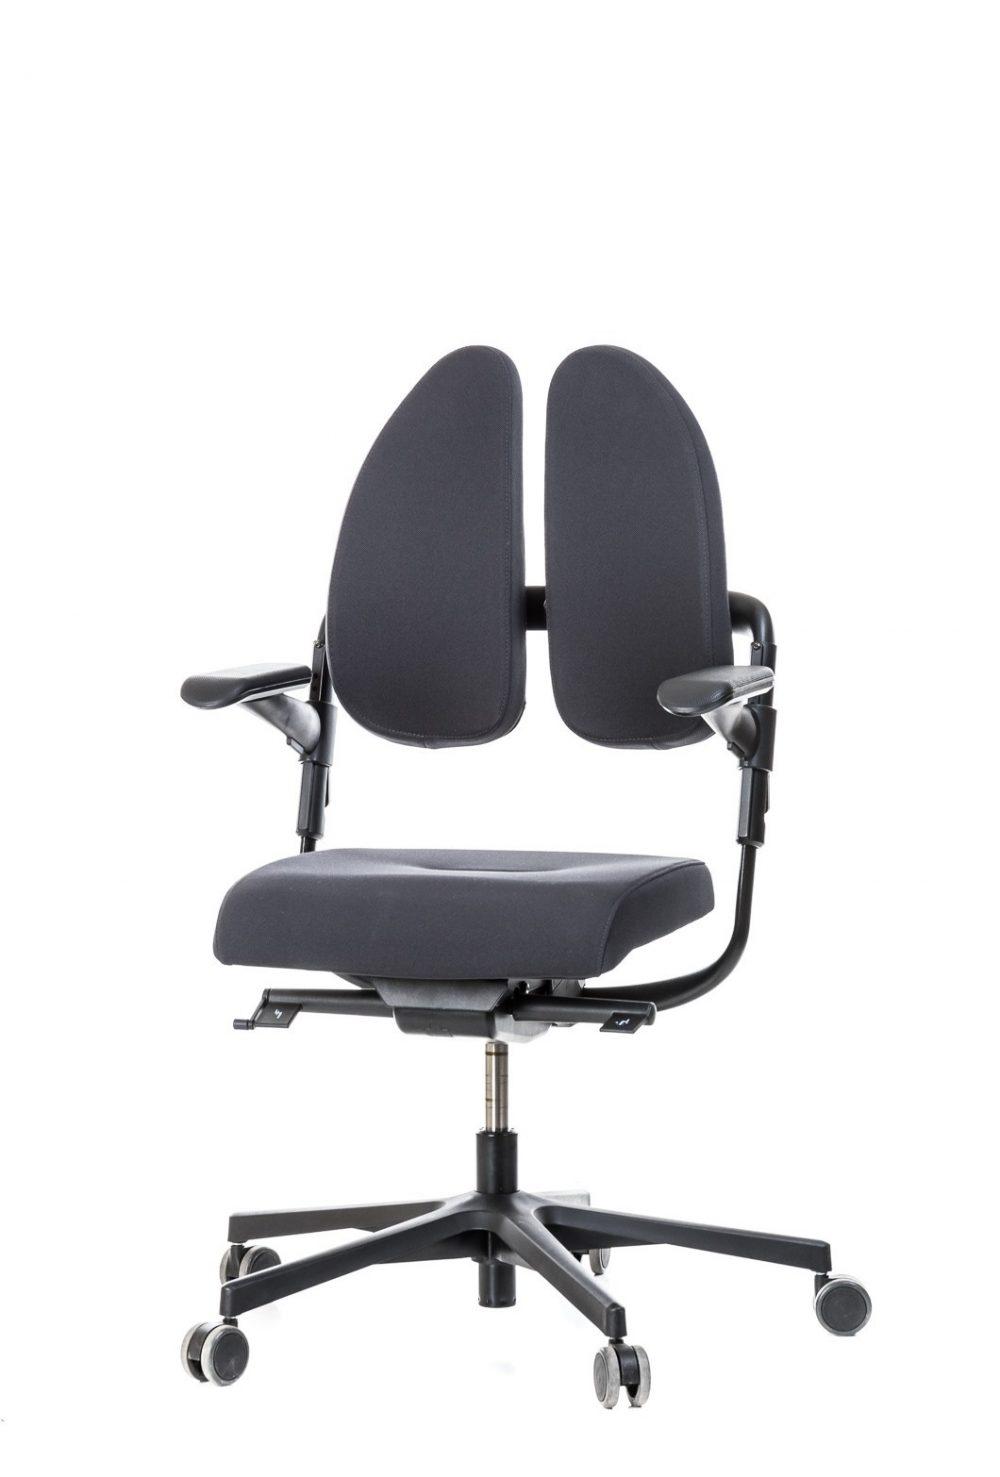 Vadovo kėdė - XENIUM-DUO BACK® be pogalvio-Pilka-0